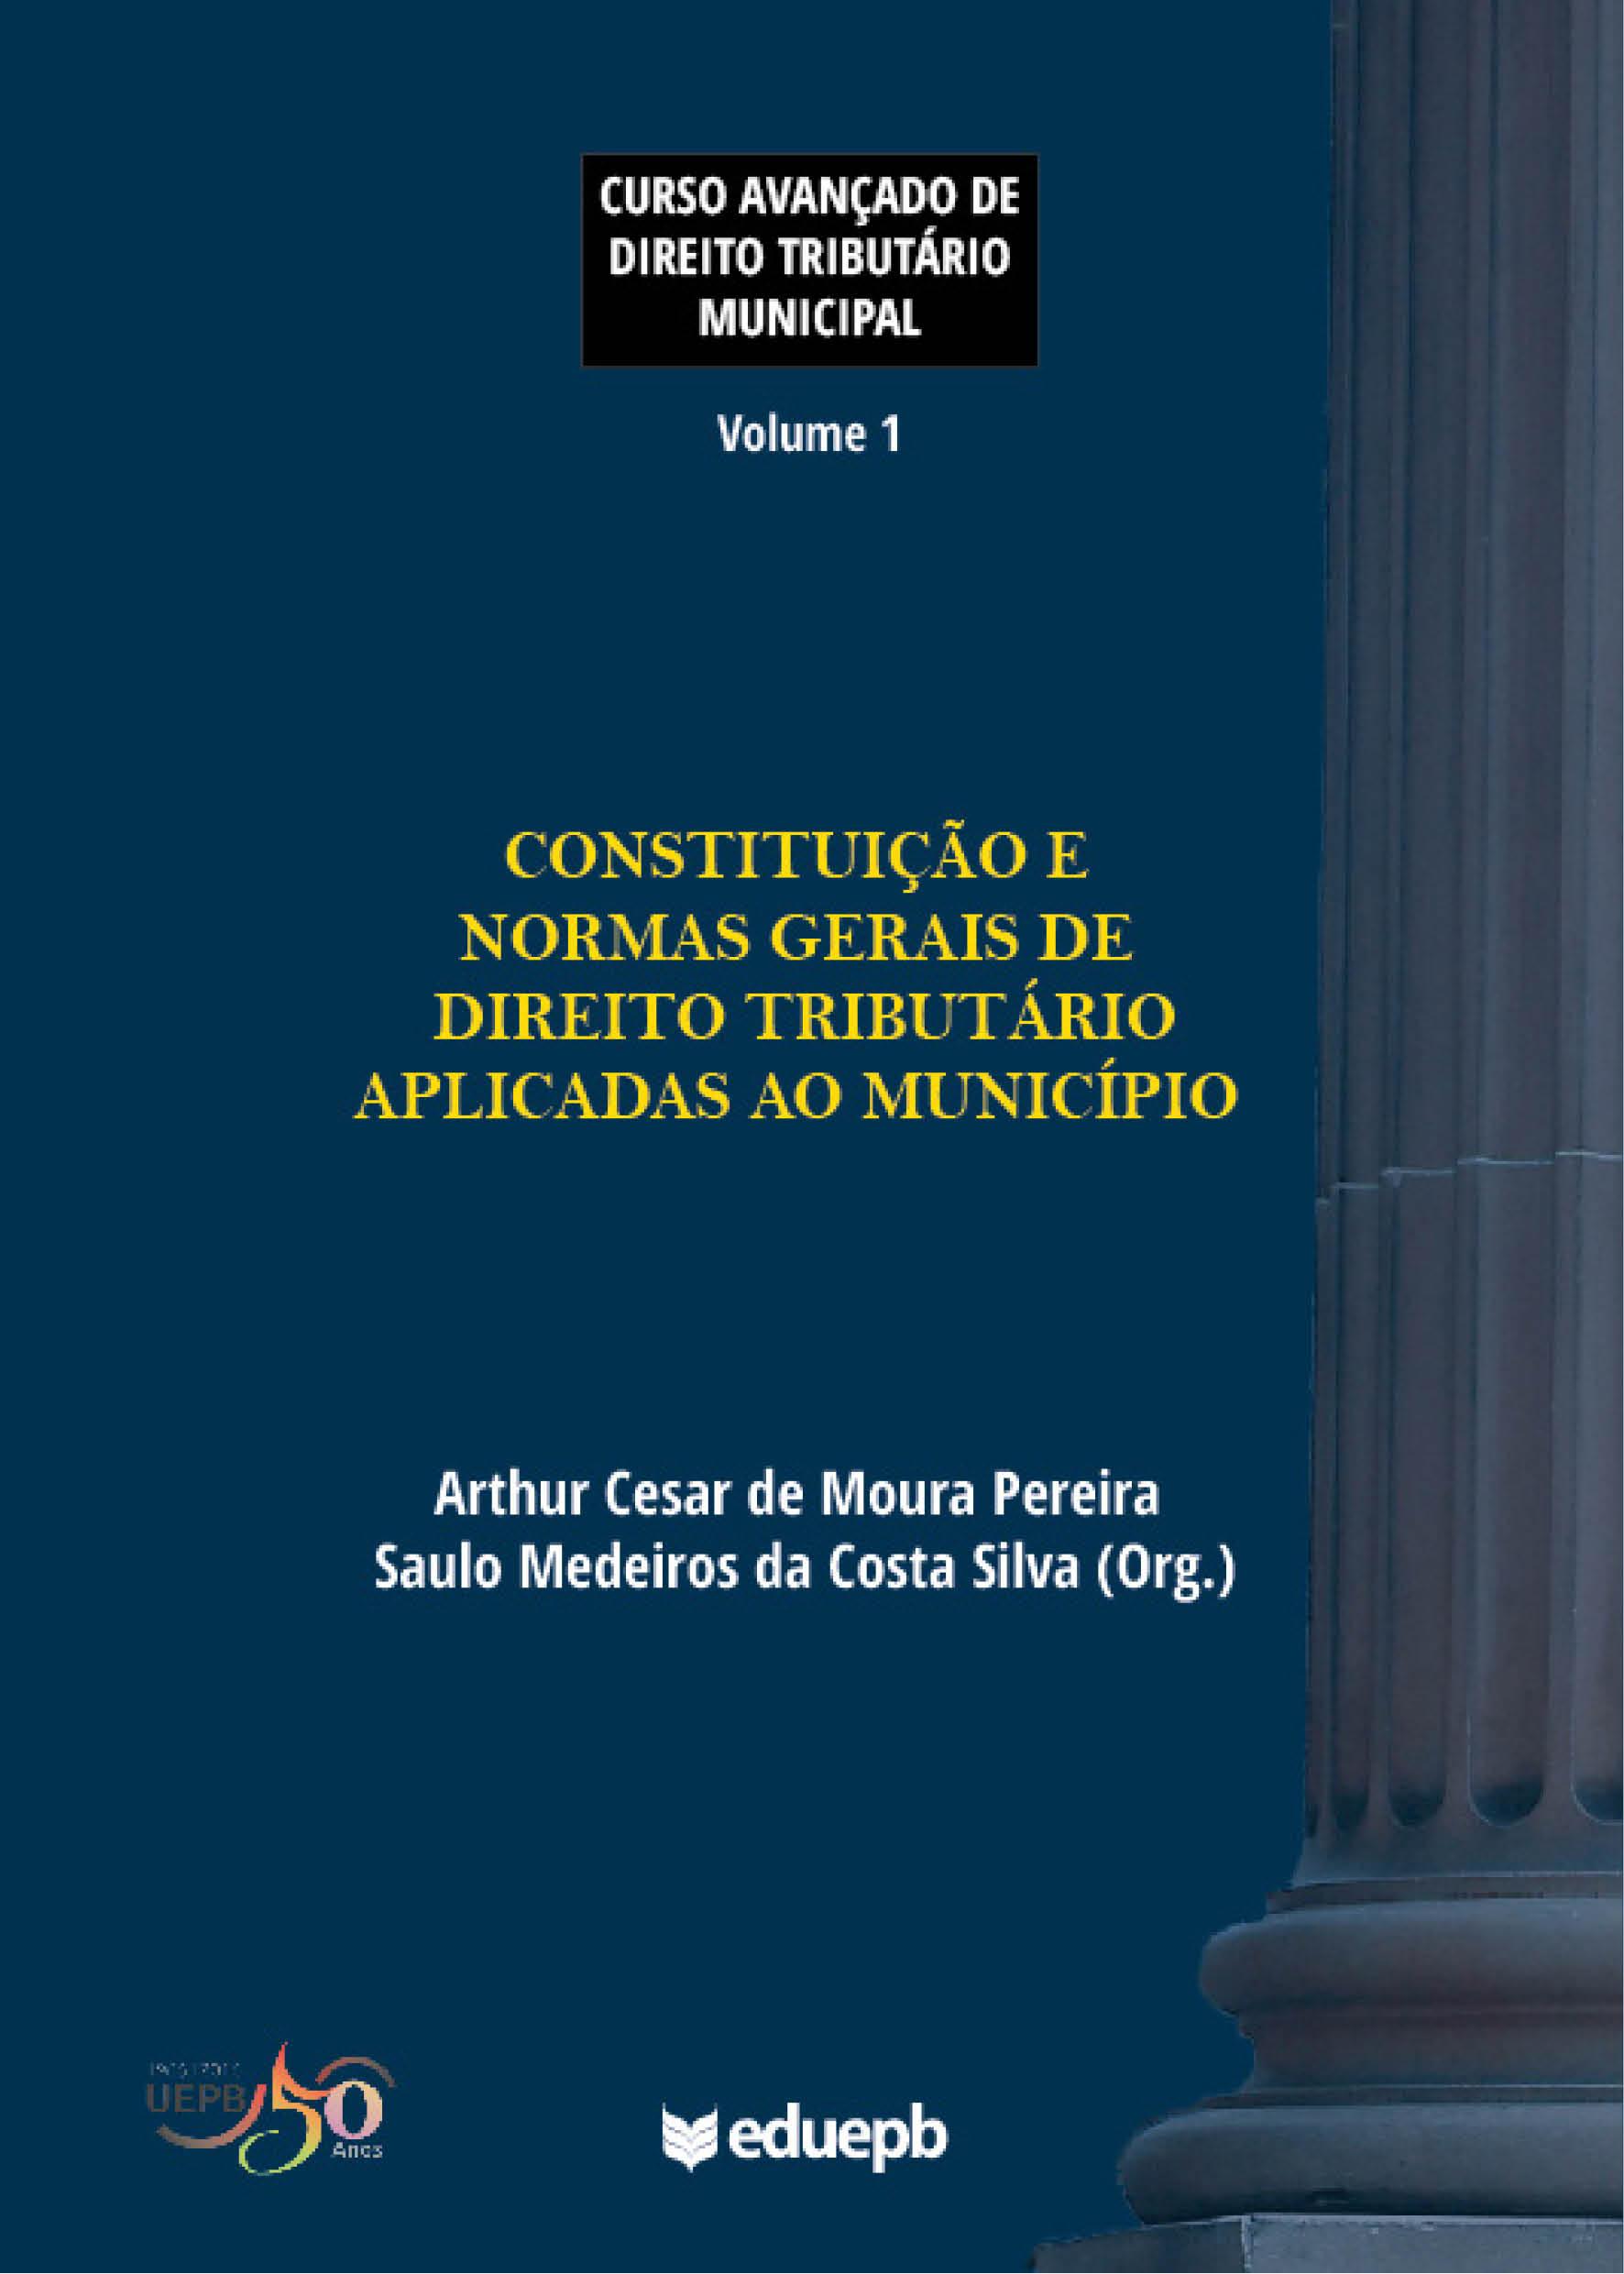 Curso avançado de direito tributário municipal - Volume 1